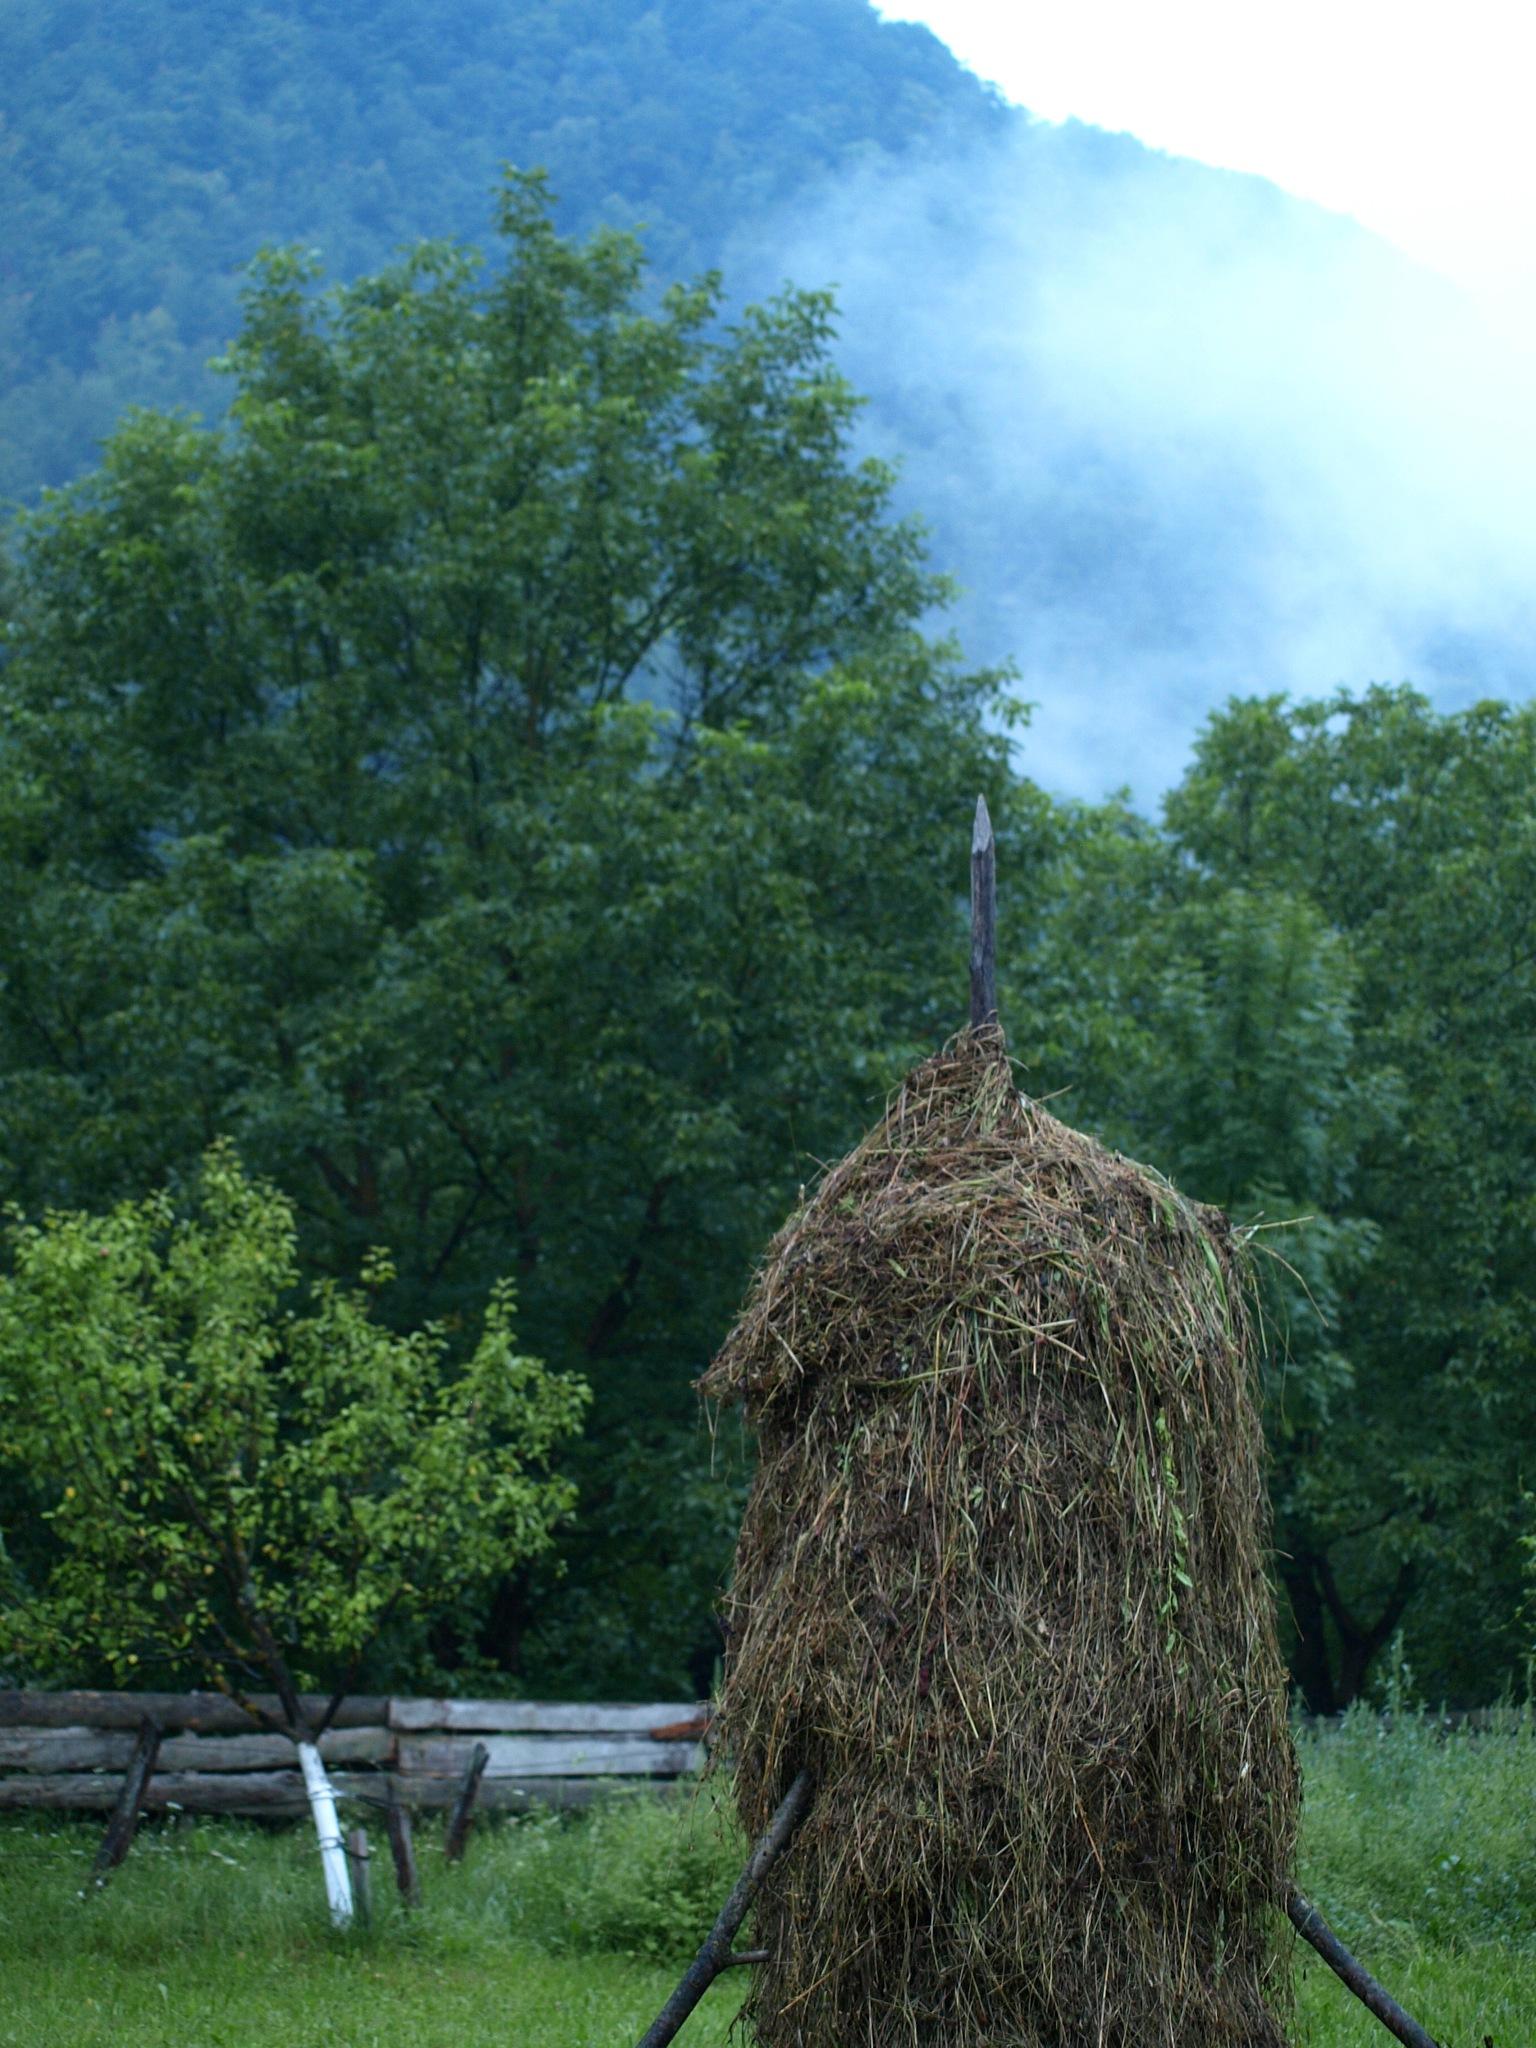 the haystack by Bogdan Tanase